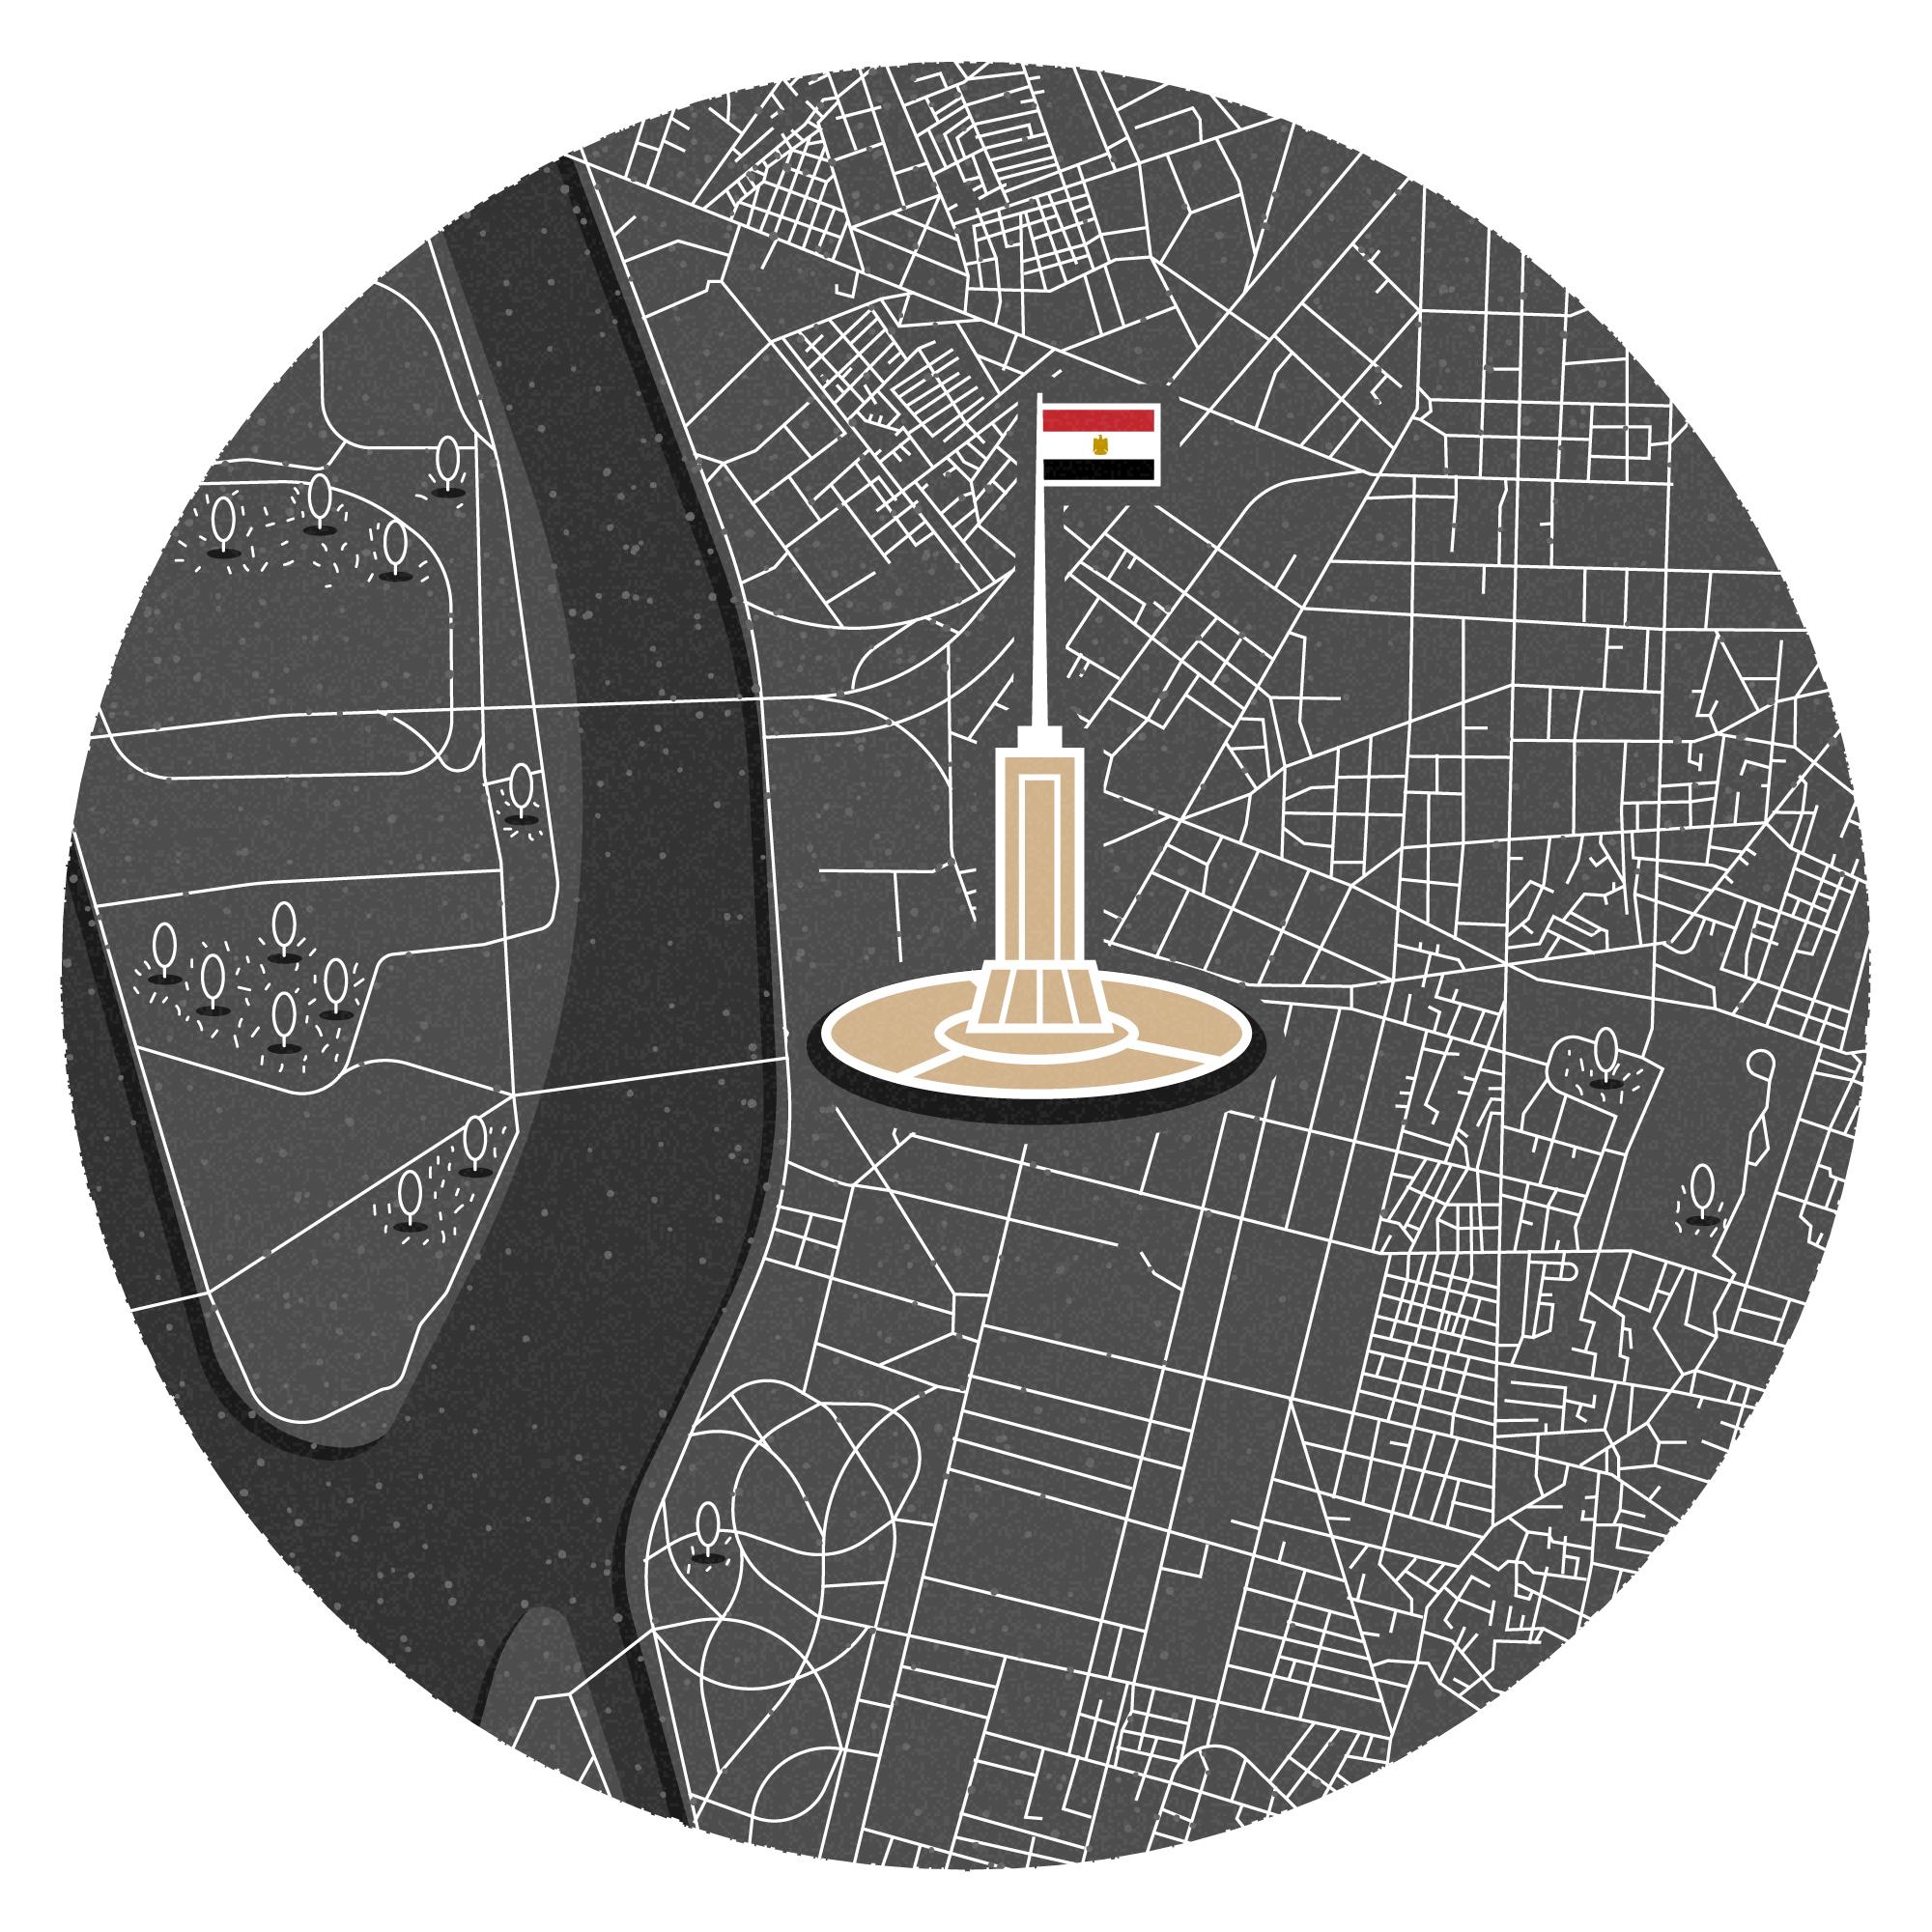 Mini map of Cairo